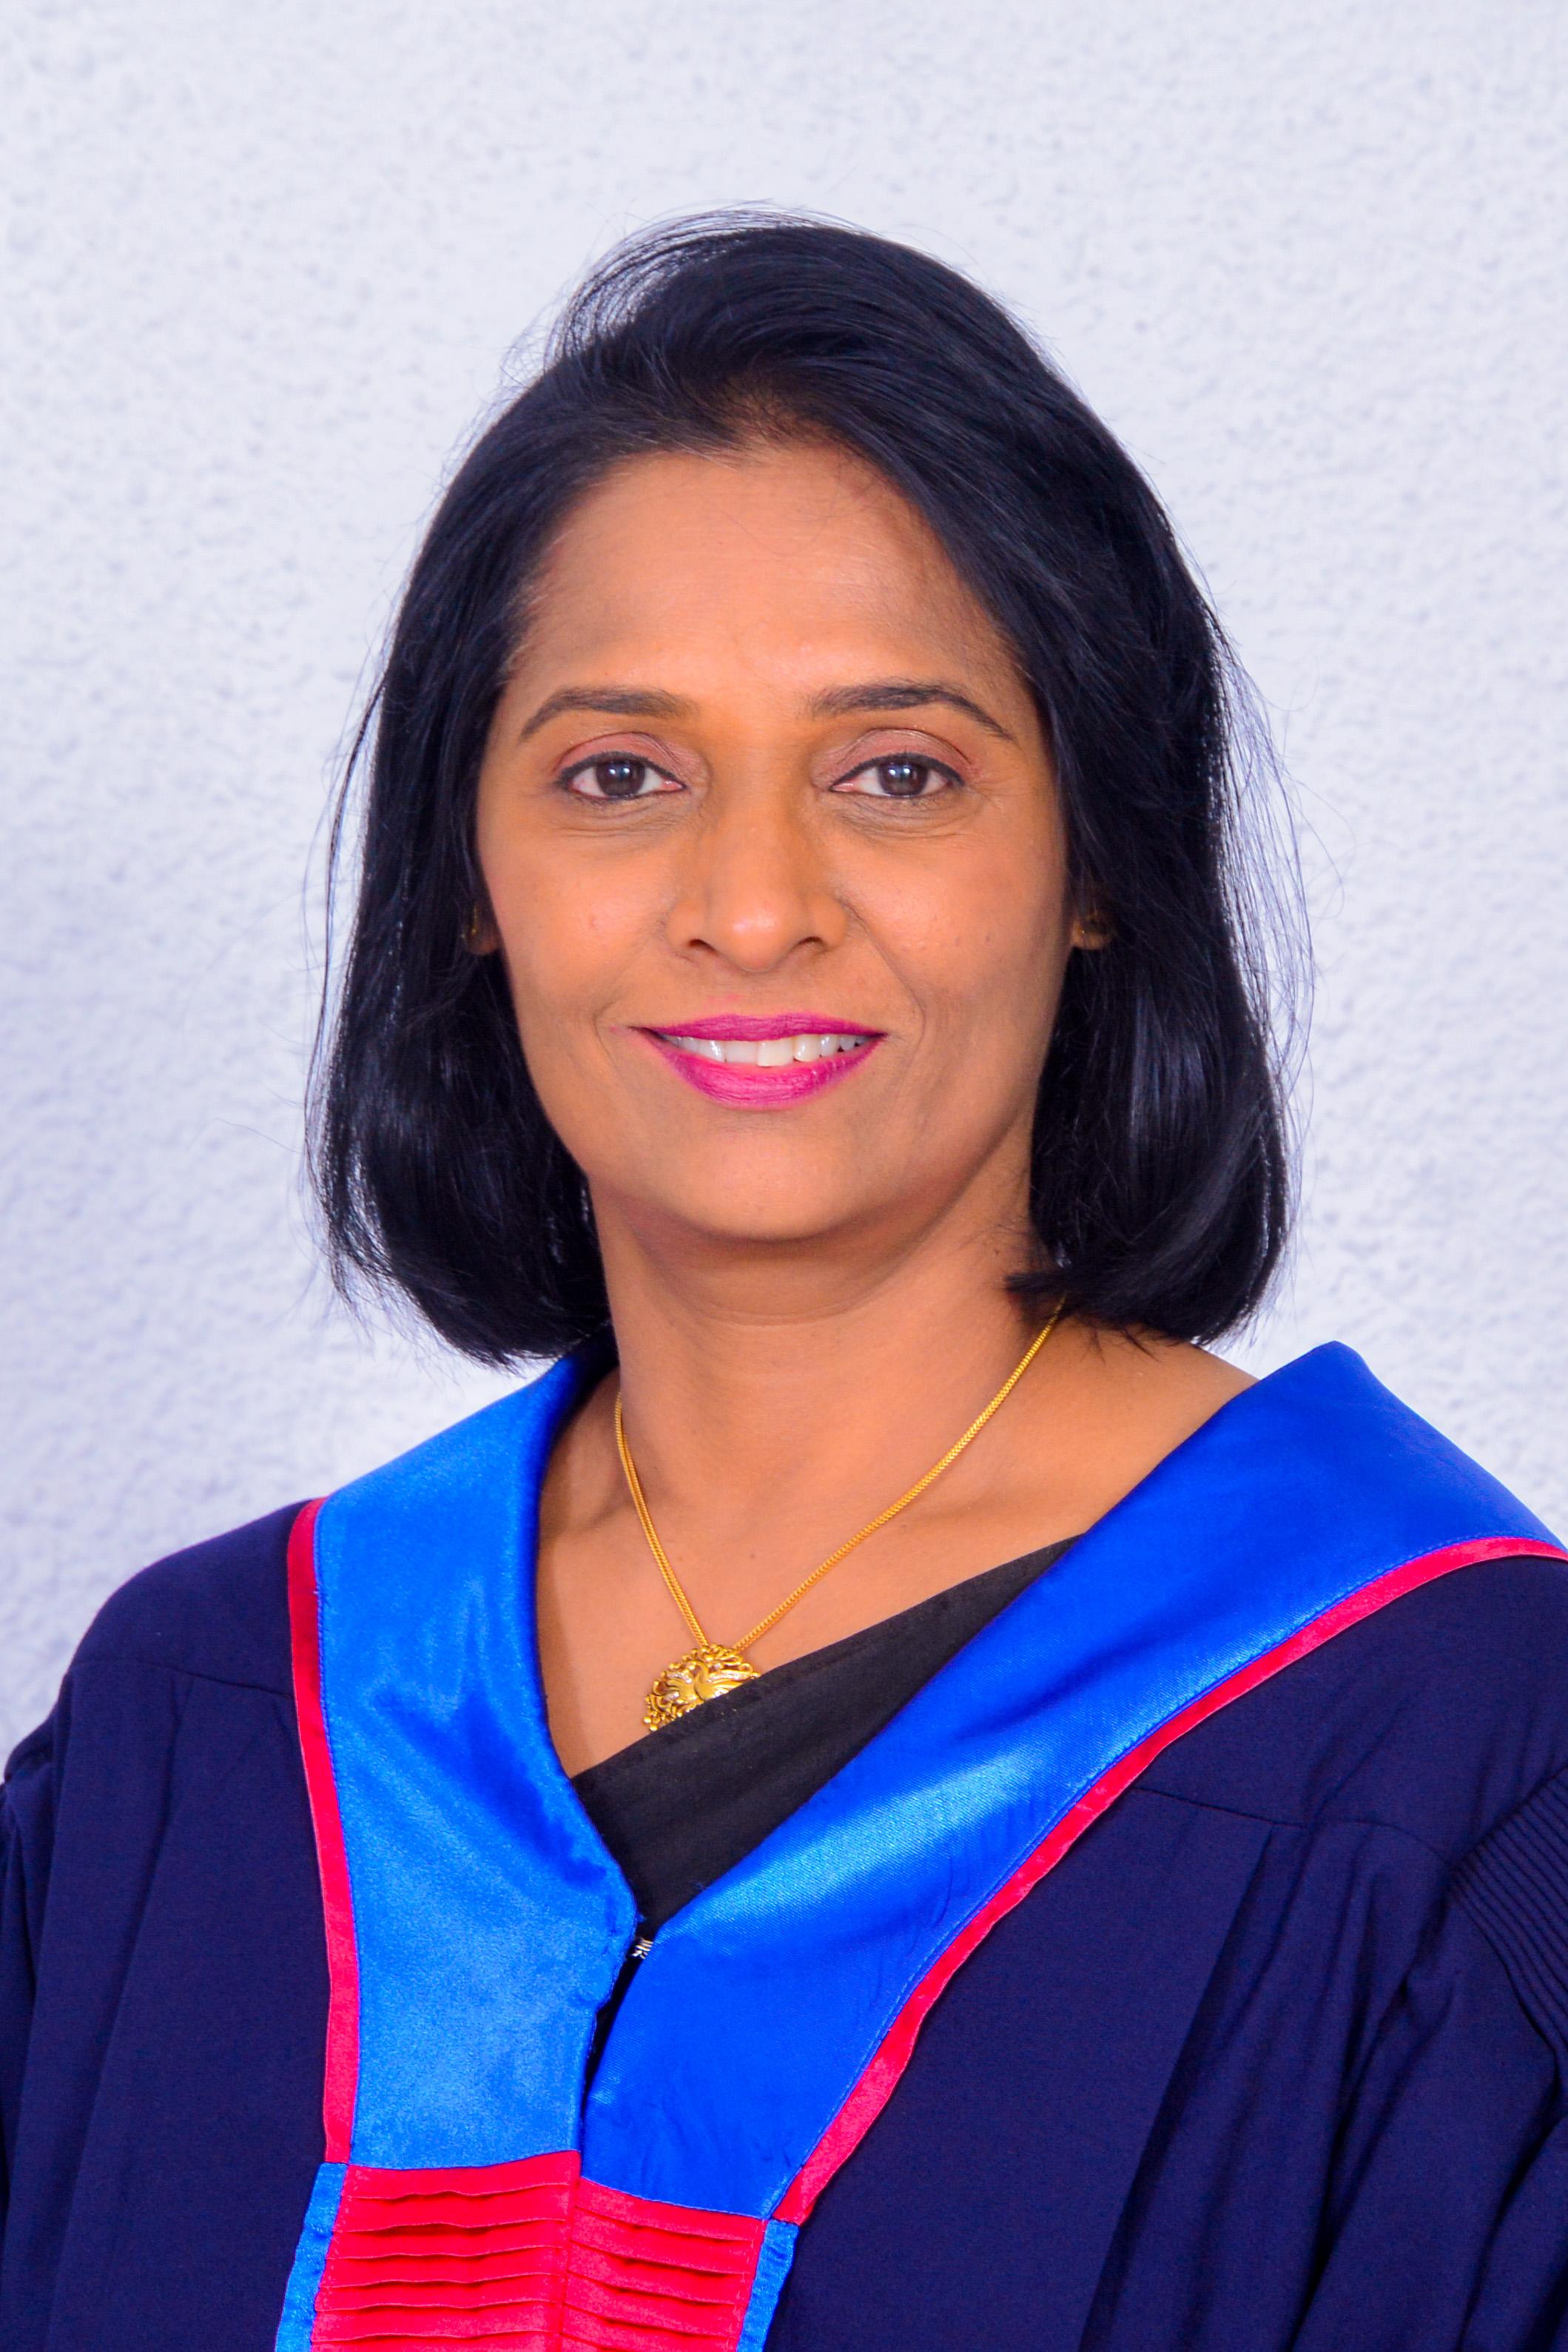 Prof. Chandanie Wanigatunge